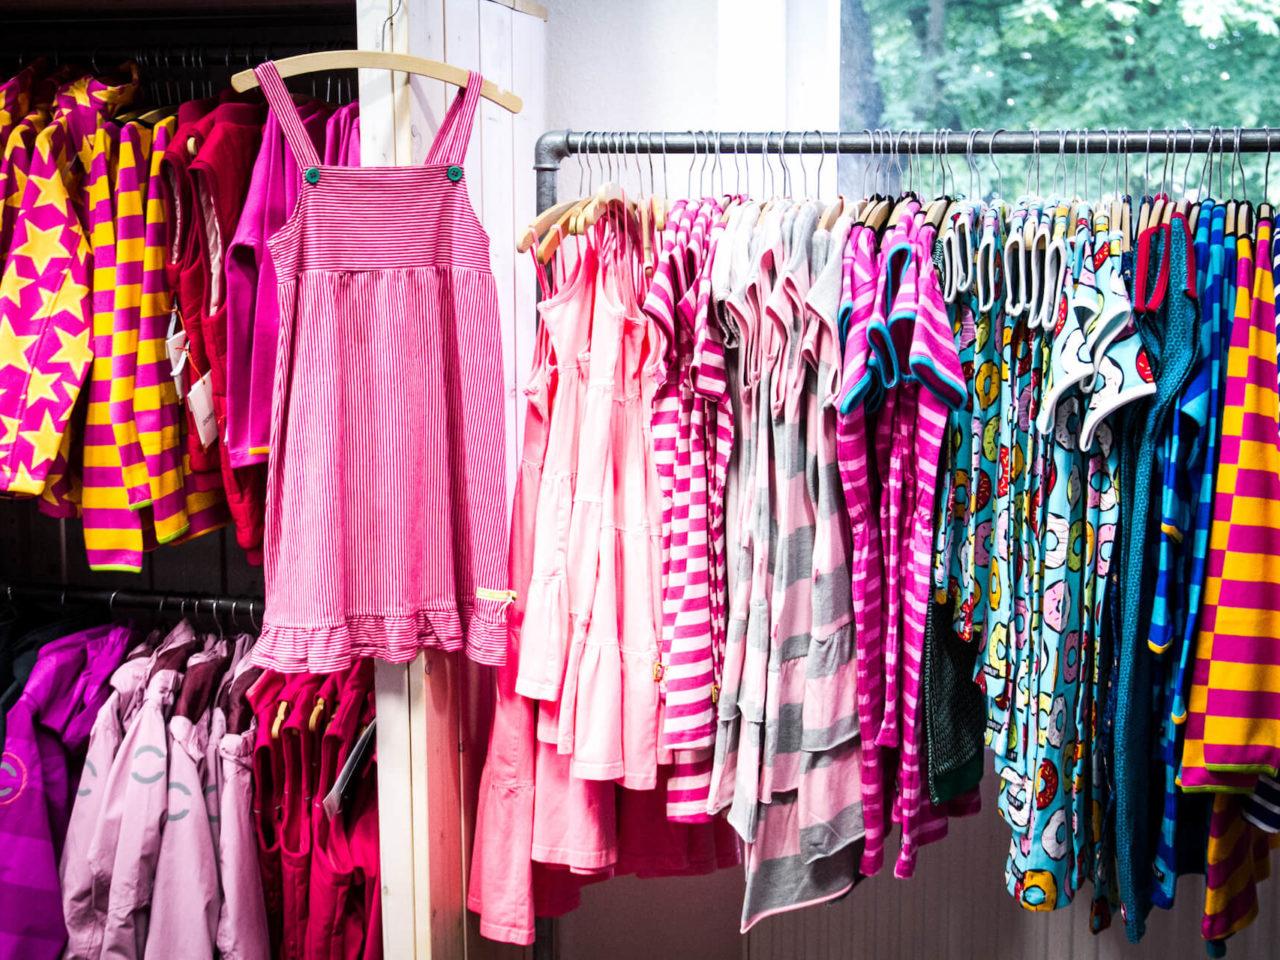 Fröhlich, bunte Mädchenkleider in pink, rosa, gelb und anderen Farben hängen an einer Stange im Elli & Mai in Lüneburg